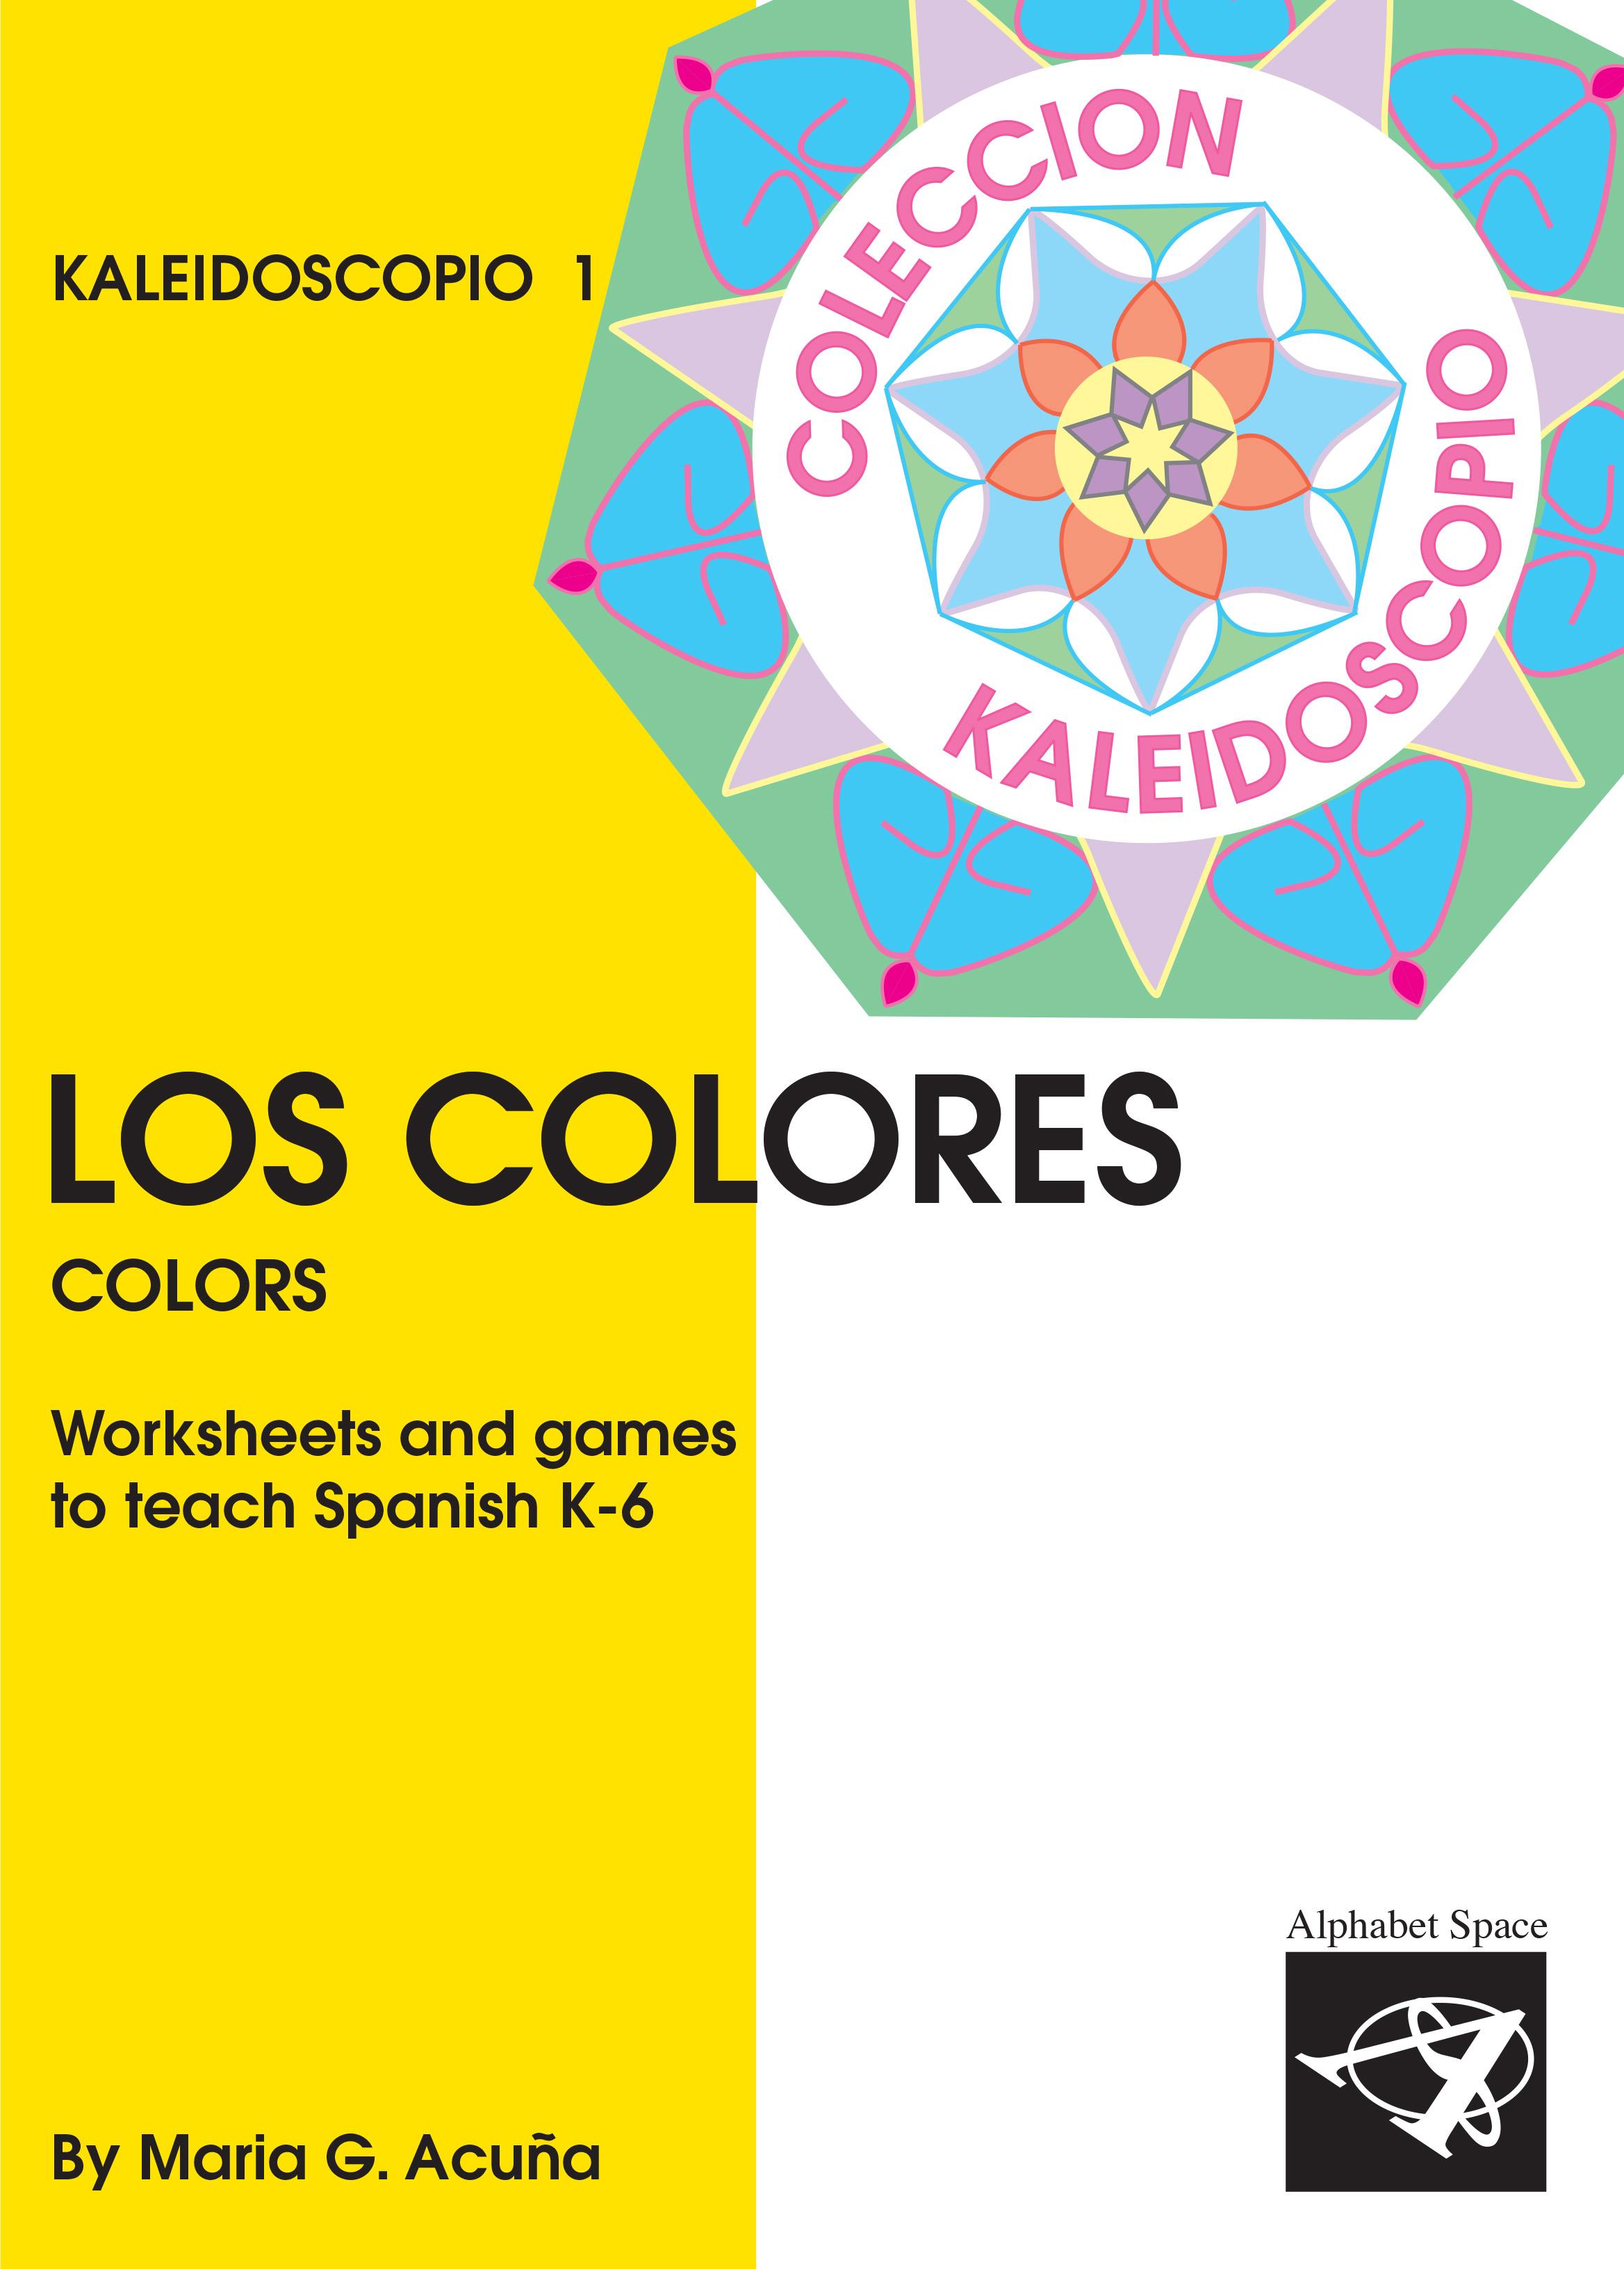 Contents Los colores [Converted]